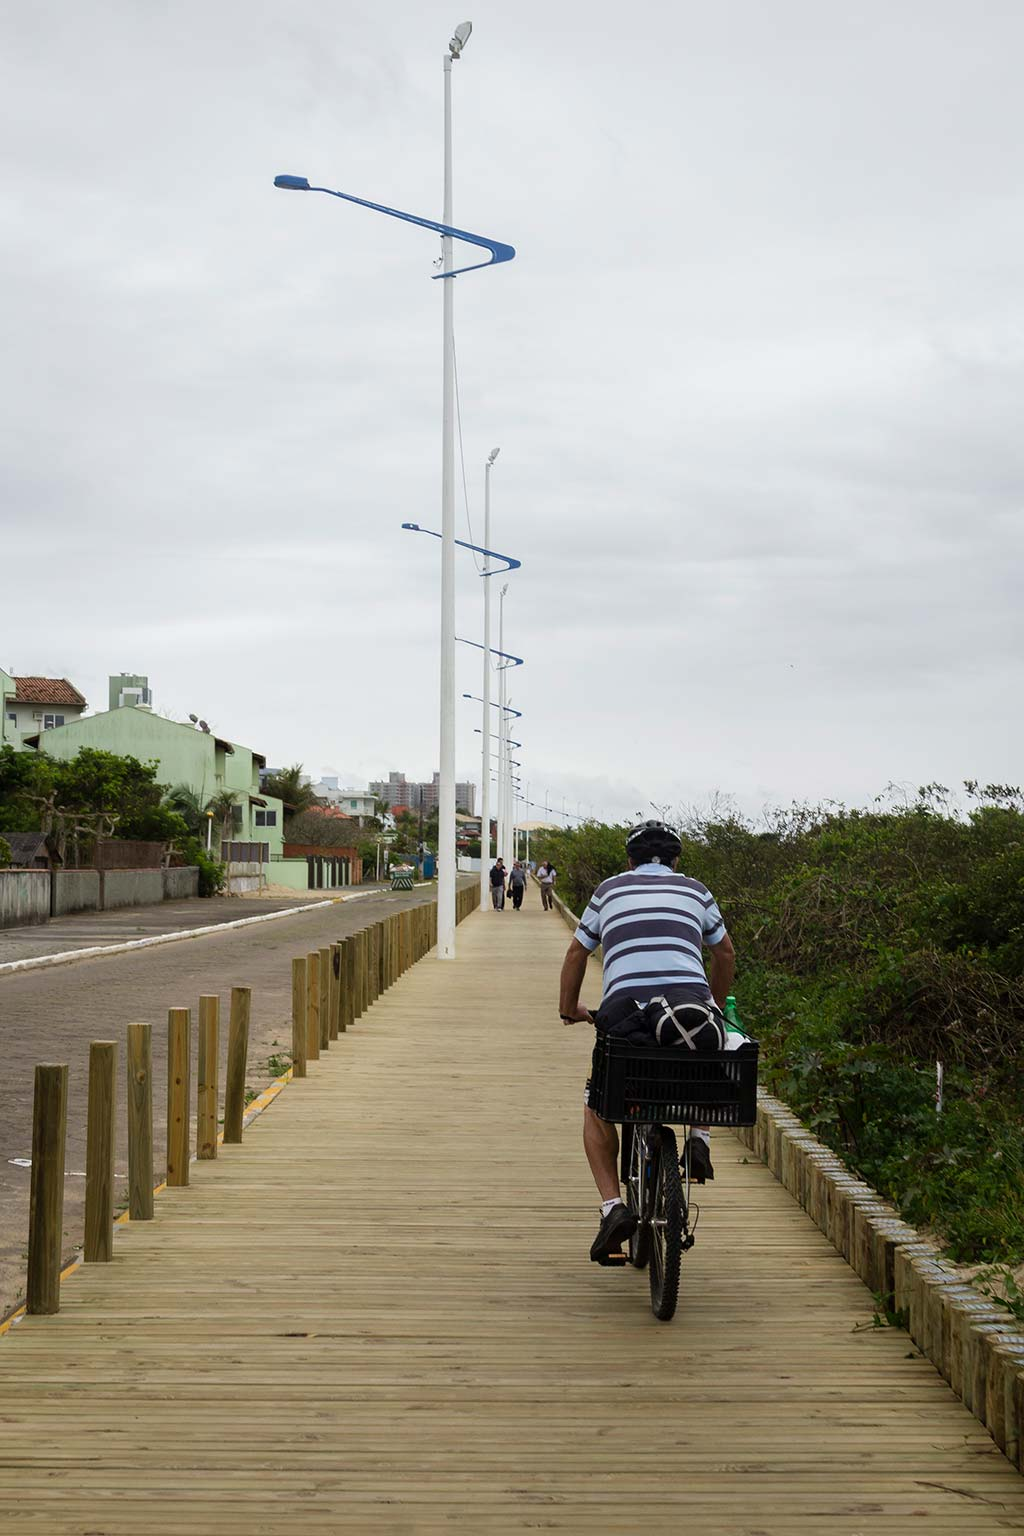 Cicloturismo litoral norte de SC - Dia 2 - Calçadão de madeira em Piçarras